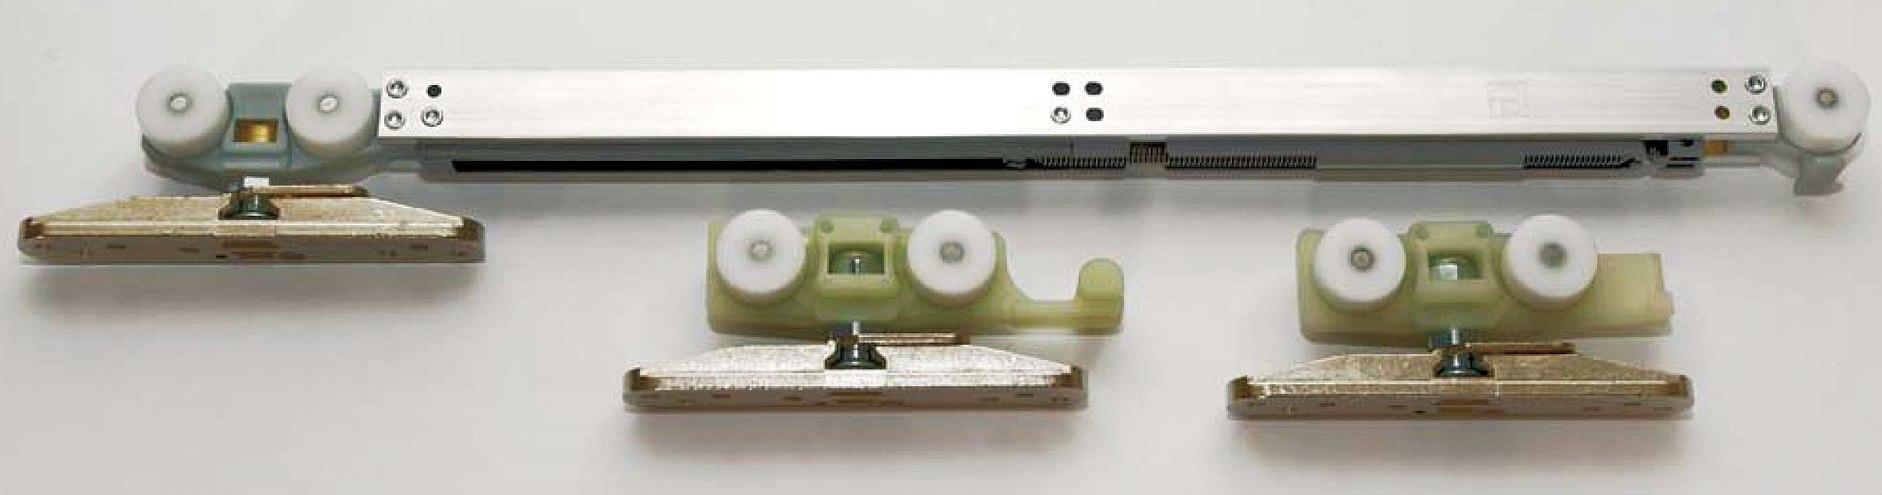 роликовые каретки для межкомнатных раздвижных дверей